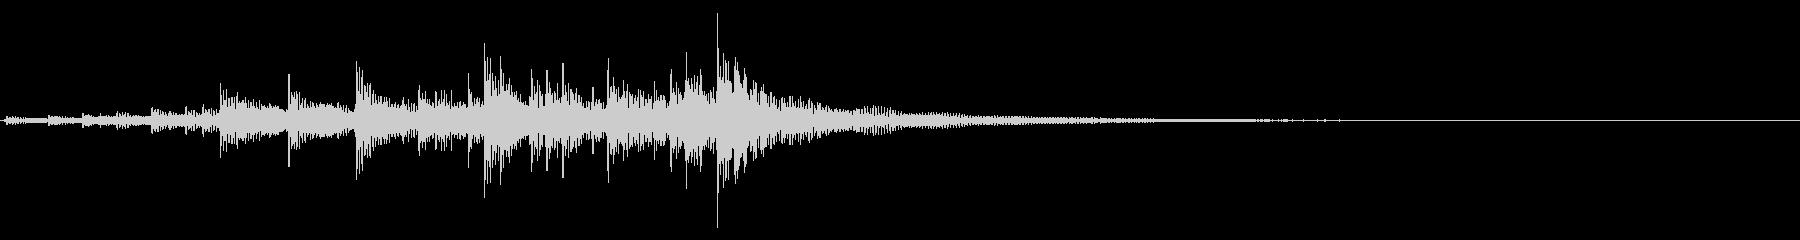 ティンパニ、(手)、シン(パイプ)...の未再生の波形